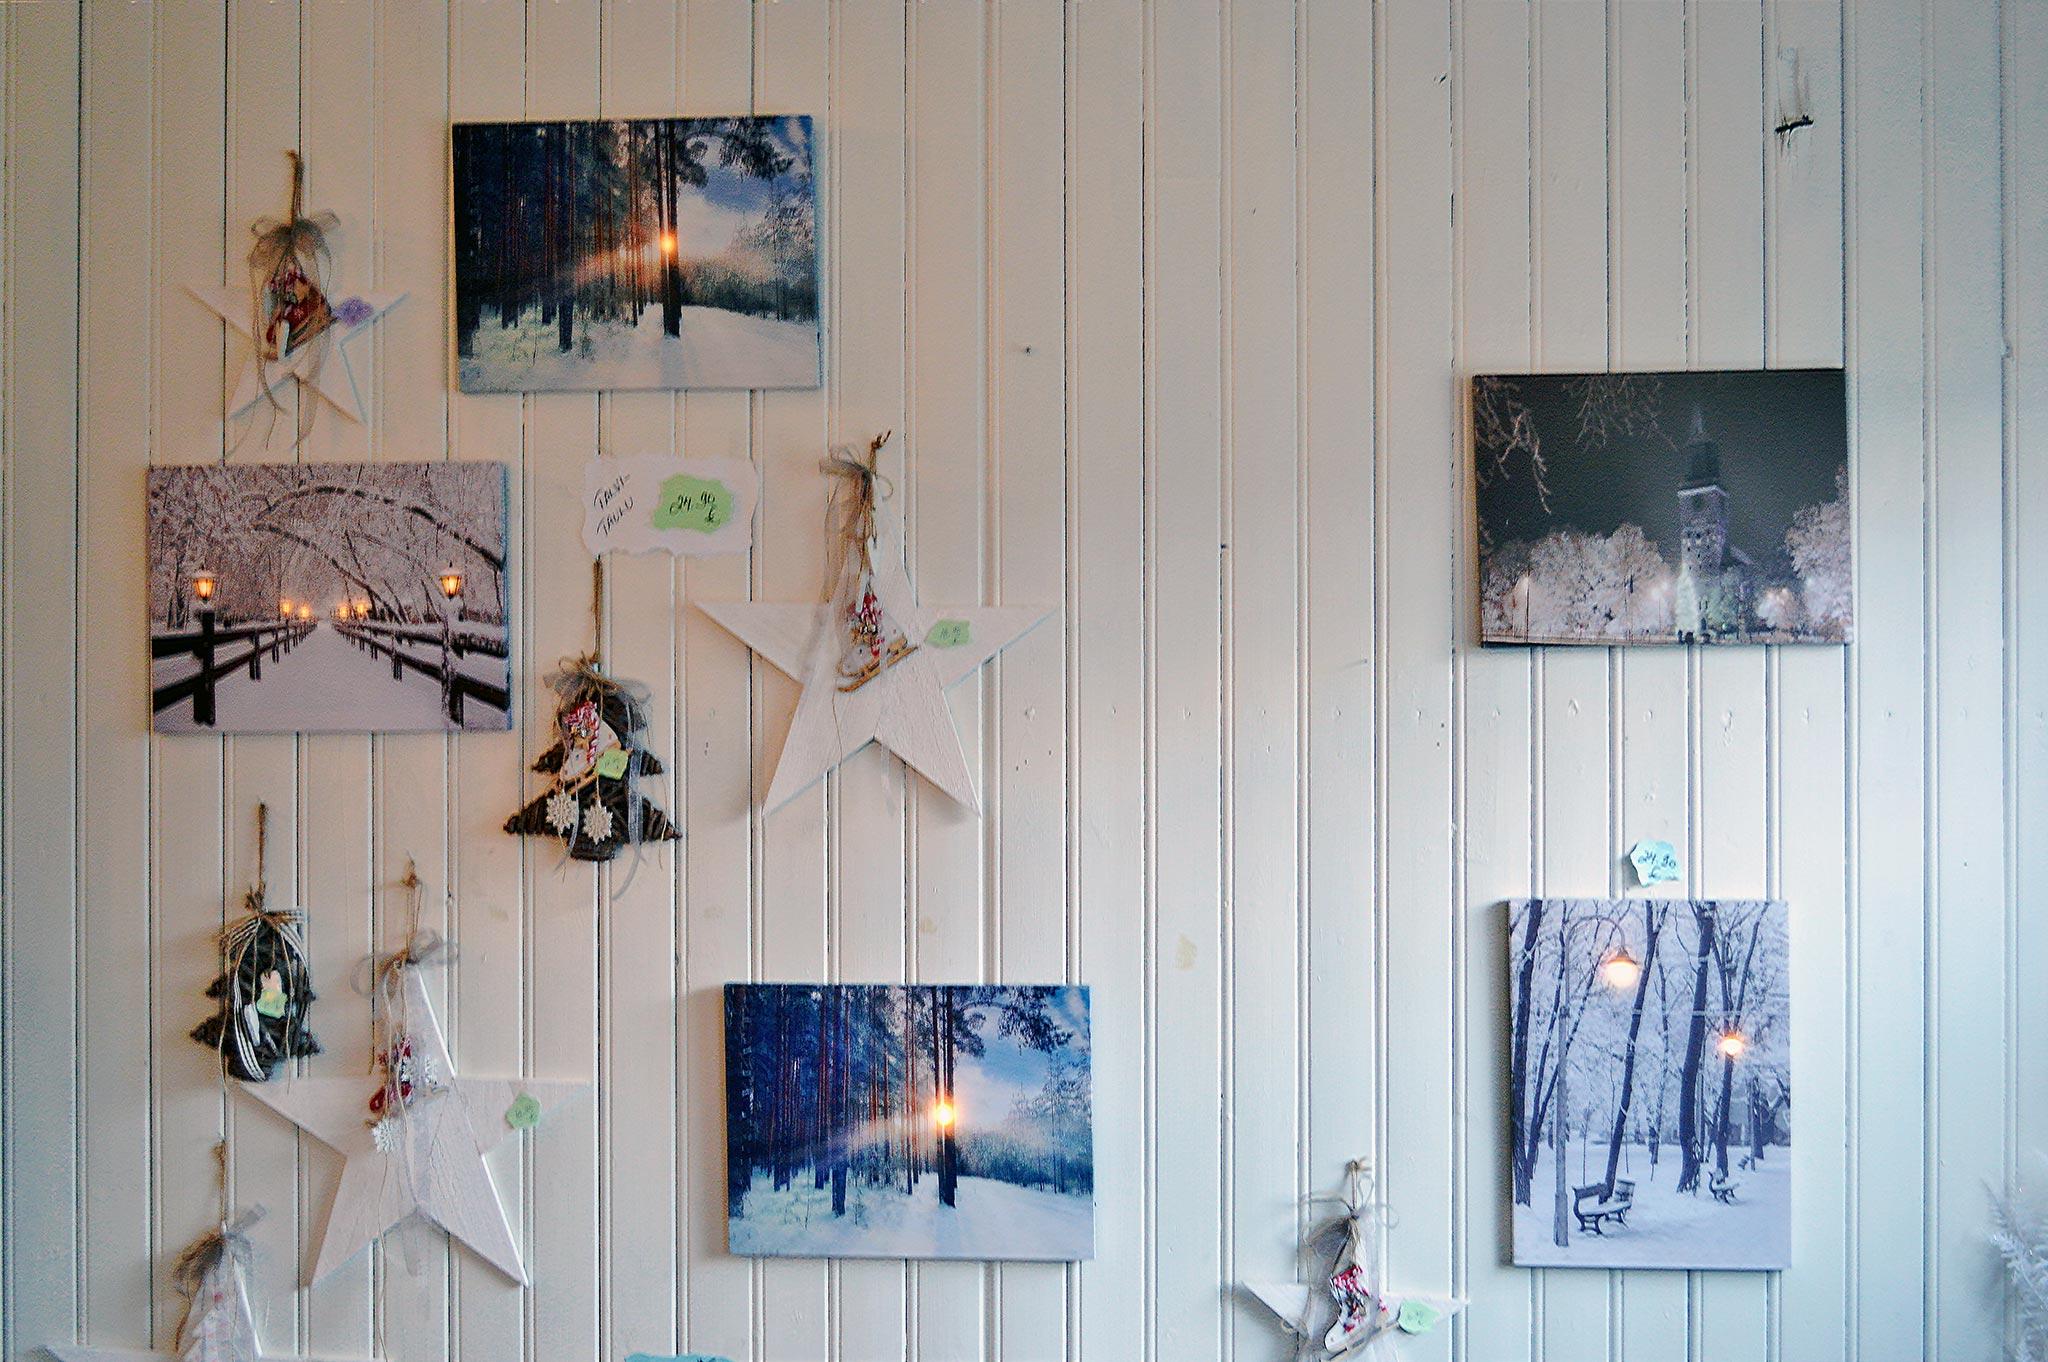 Posliinitar Ann Maarit -lahjatavaramyymälässä myydään esimerkiksi kauniita talvisia maalauksia valoilla. © Elisa Helenius